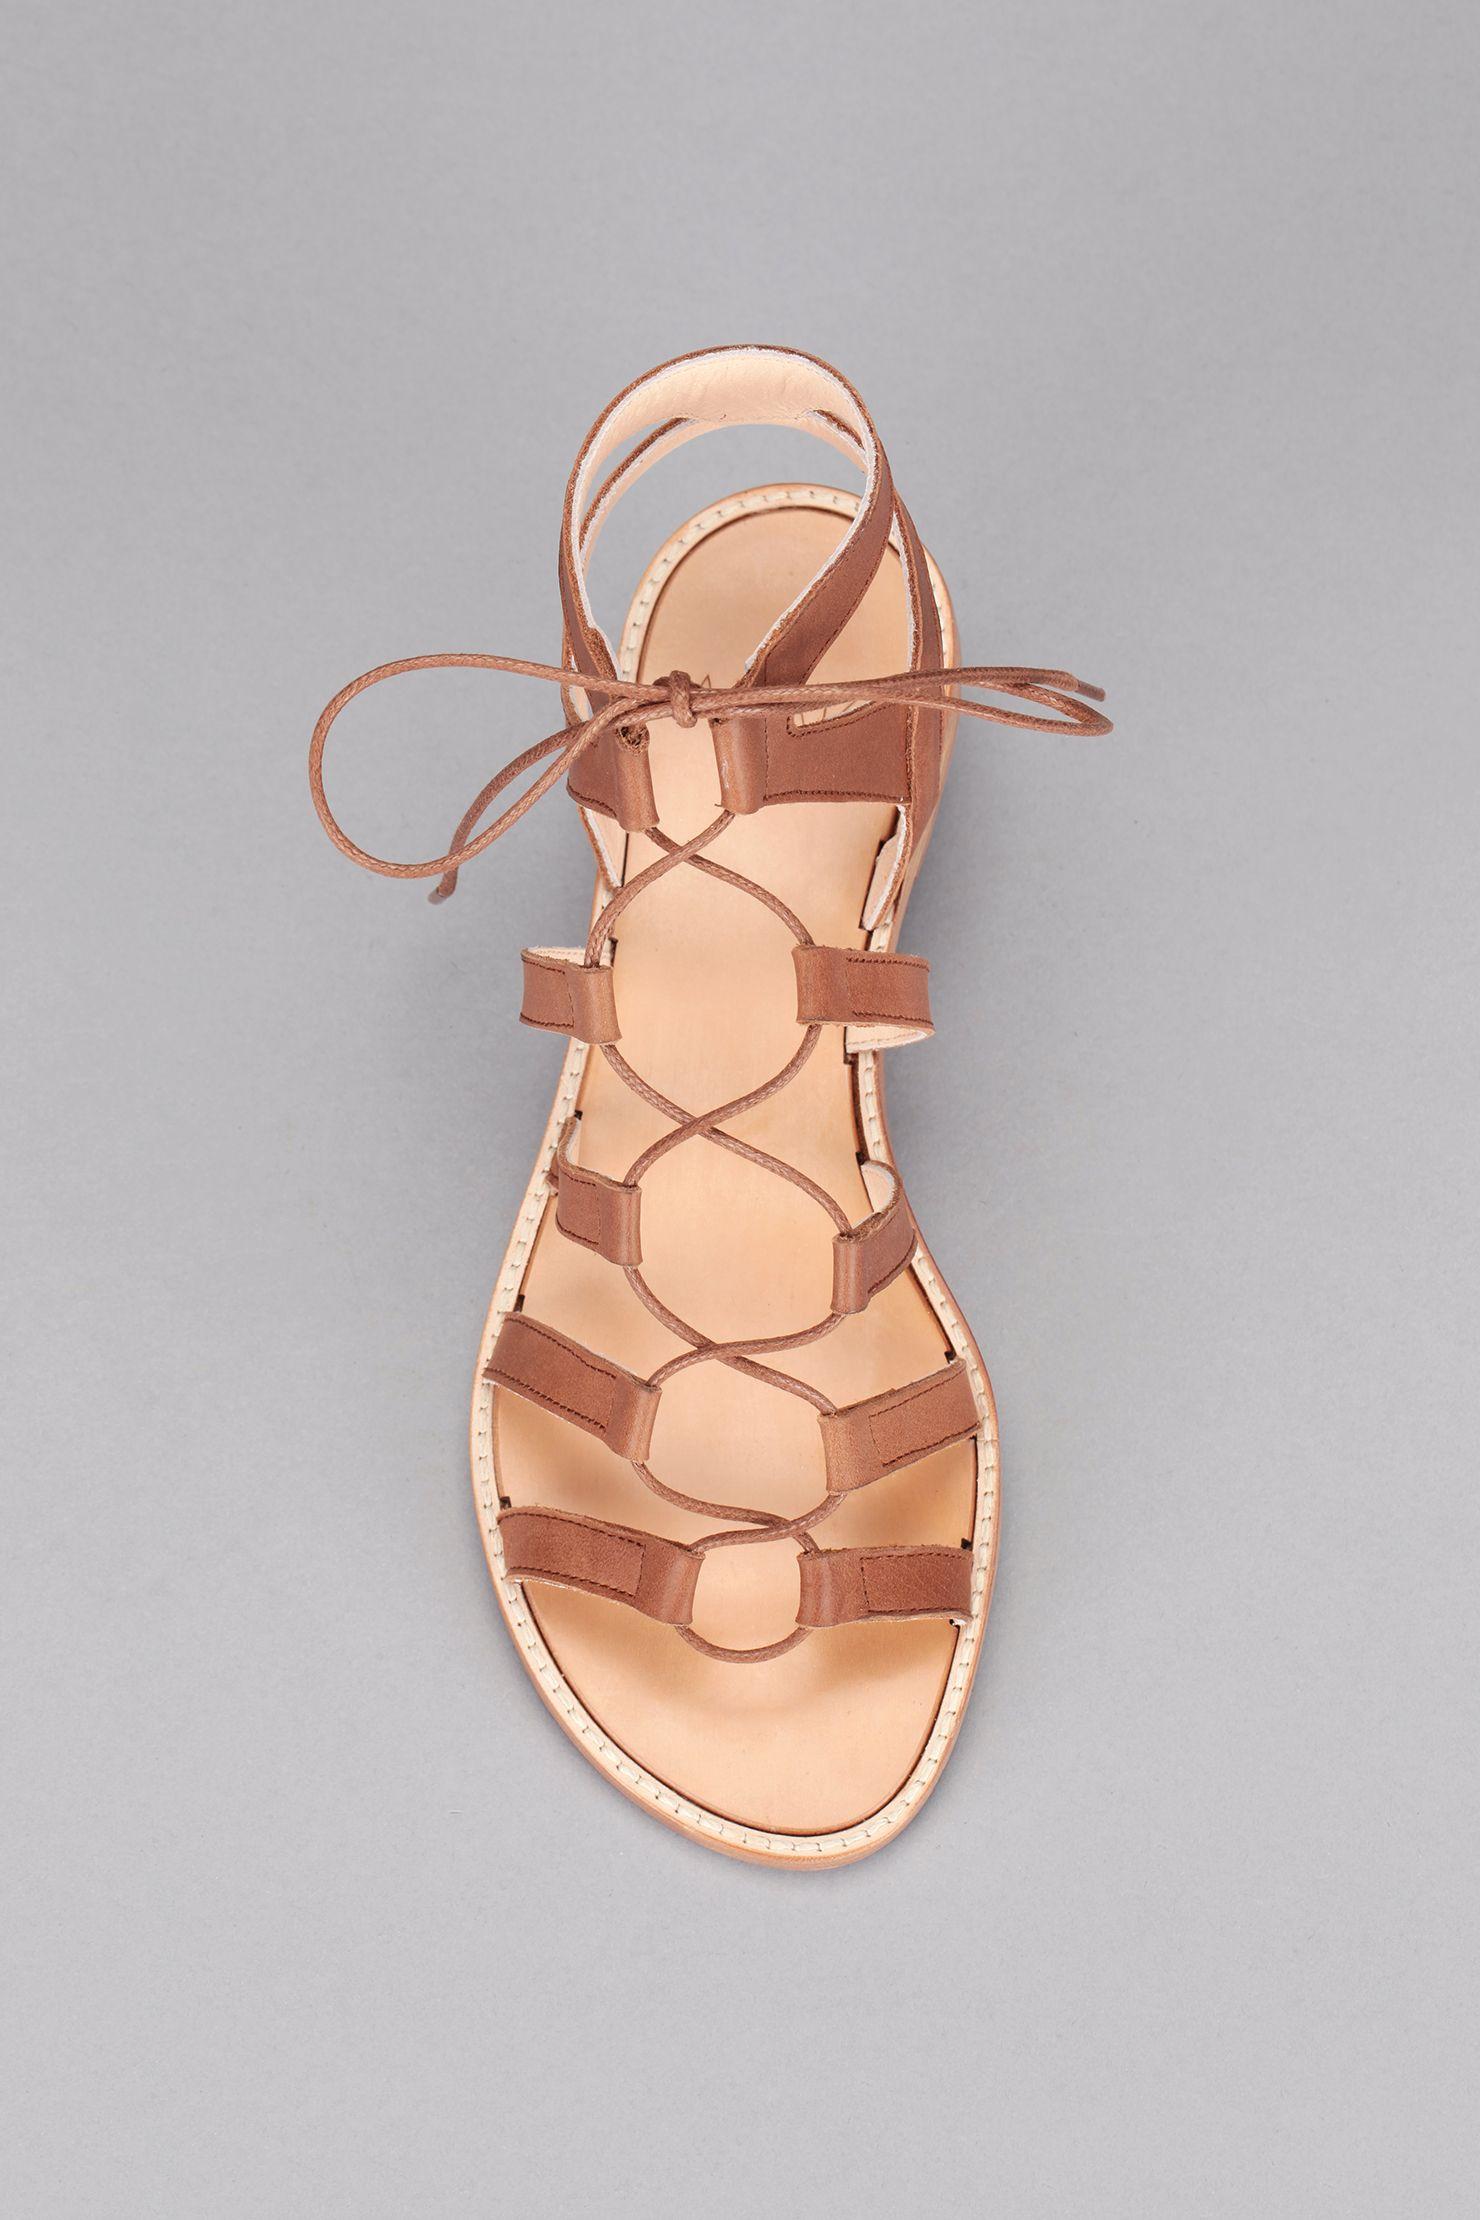 6a5d4fbc926d2 Spartiates cuir marron Arena | Shoes | Chaussure, Sandales ...